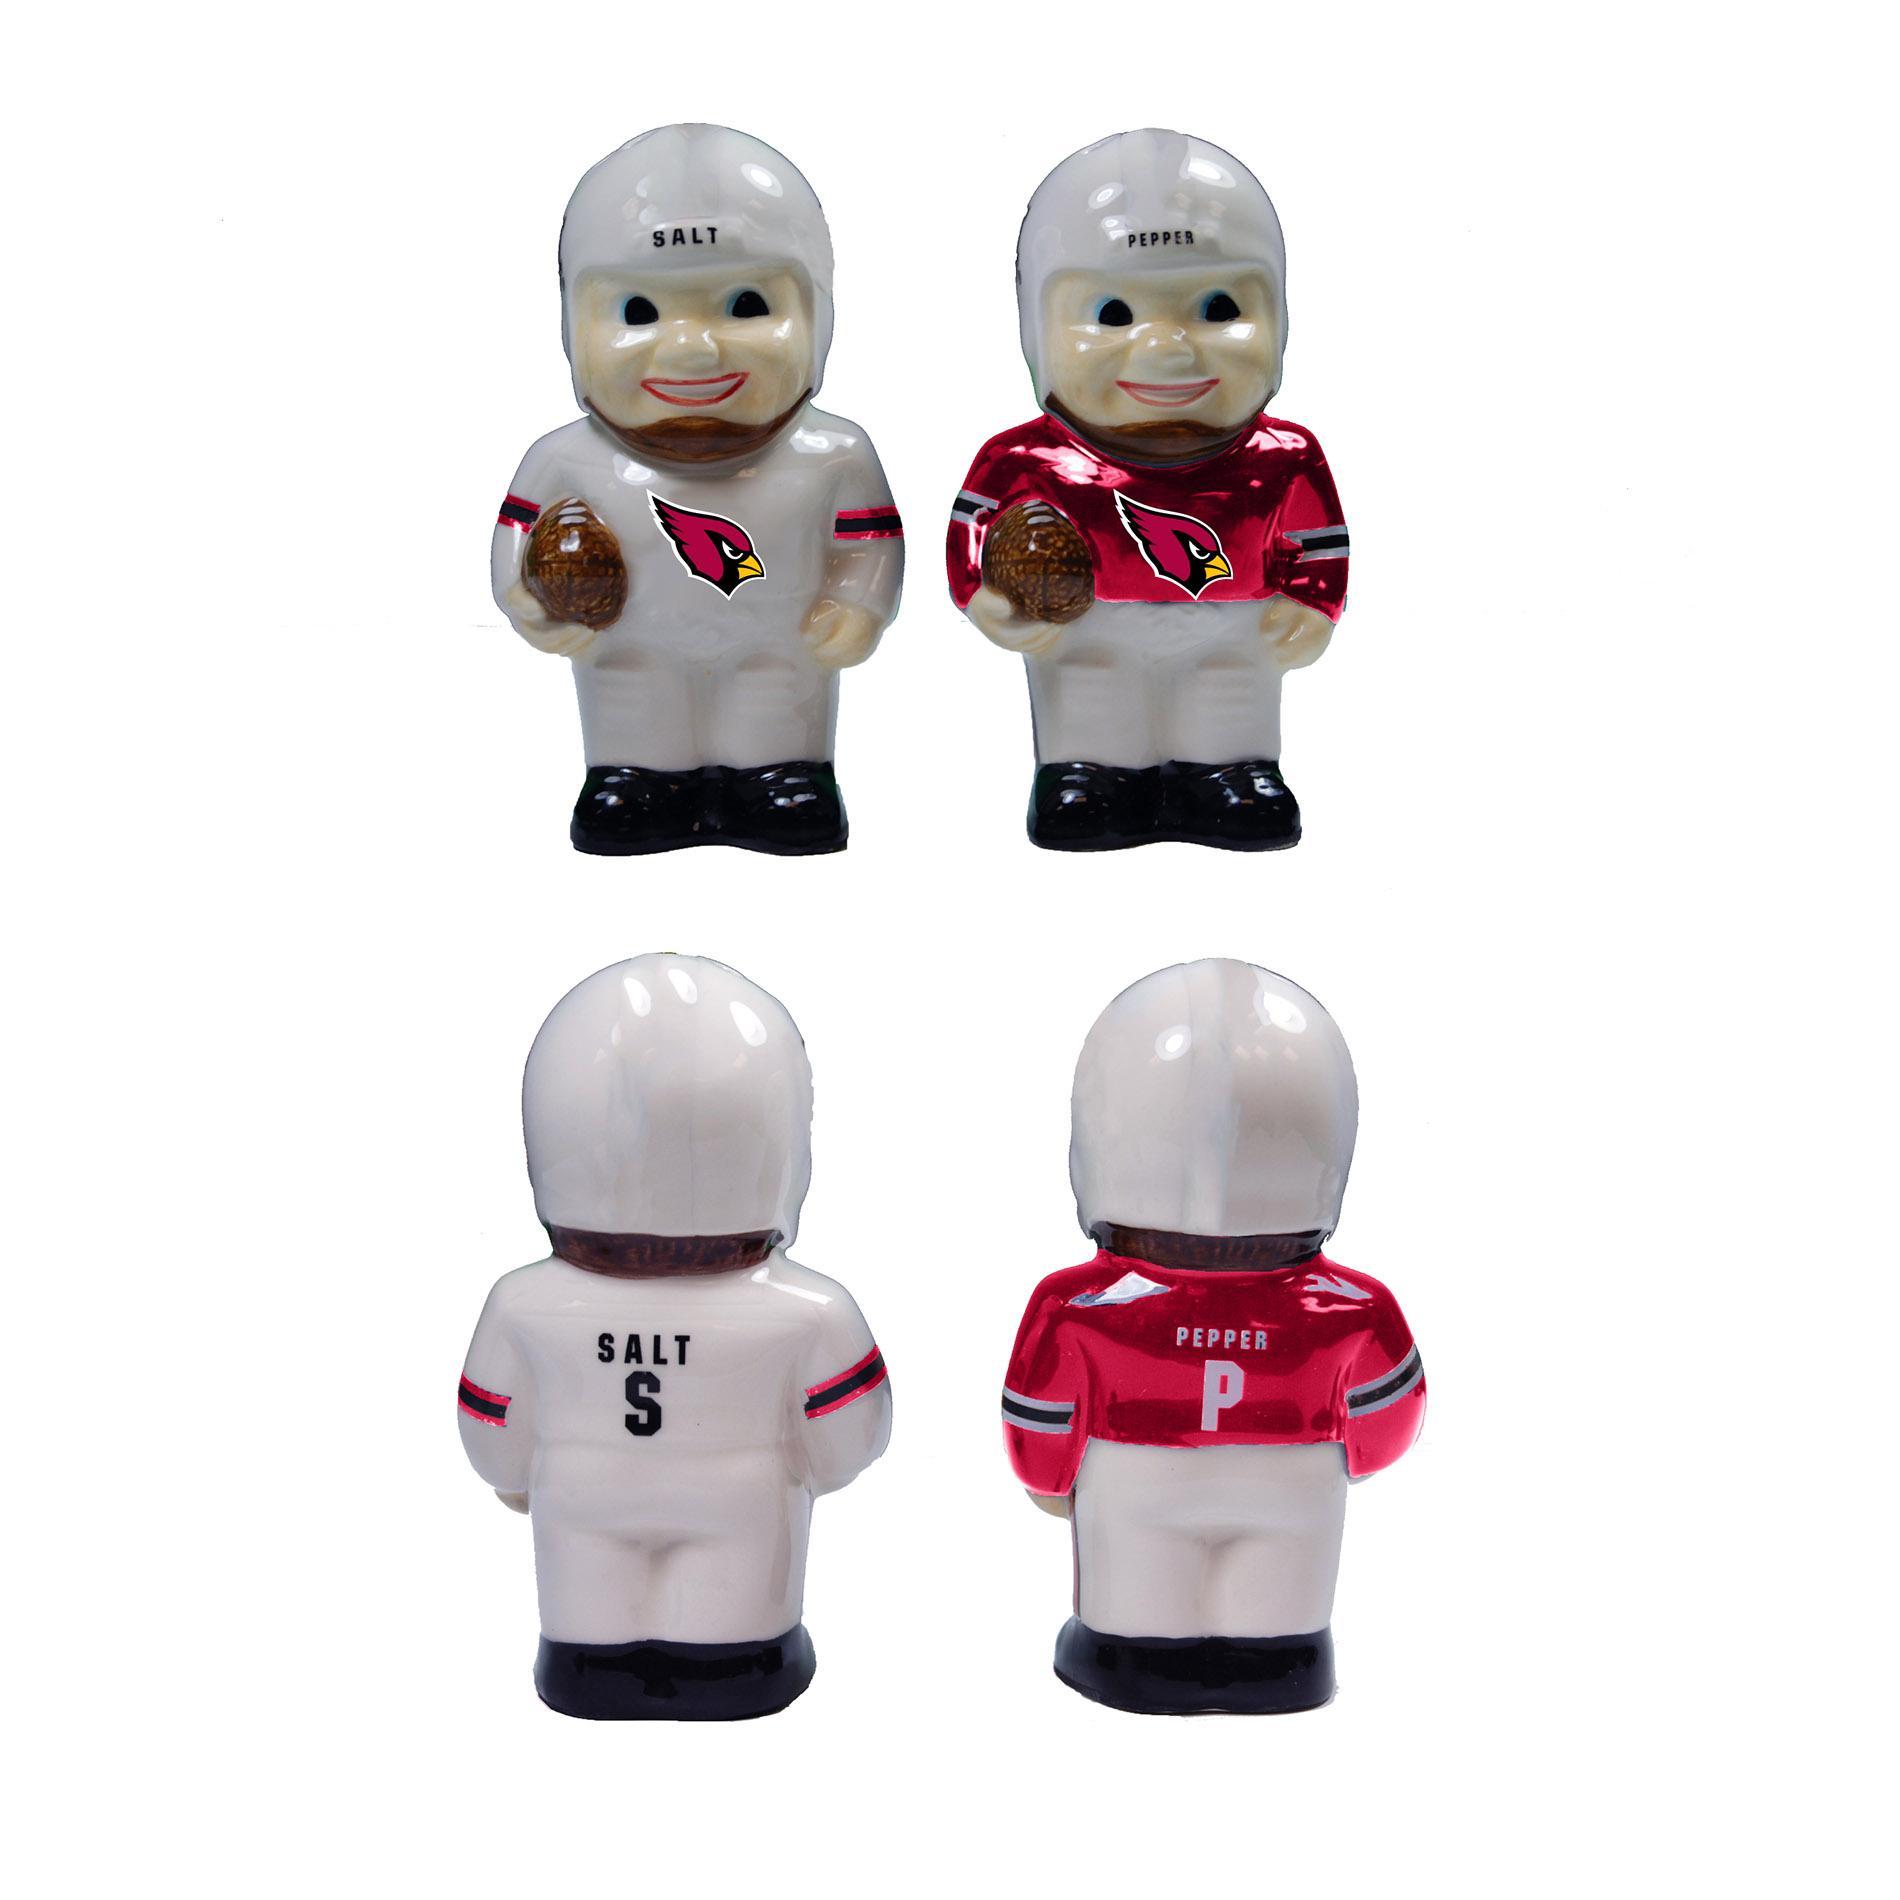 NFL Player Salt & Pepper Shaker Set - Arizona Cardinals PartNumber: 046W009154100001P KsnValue: 9154100 MfgPartNumber: NFL-DAL-1499K6